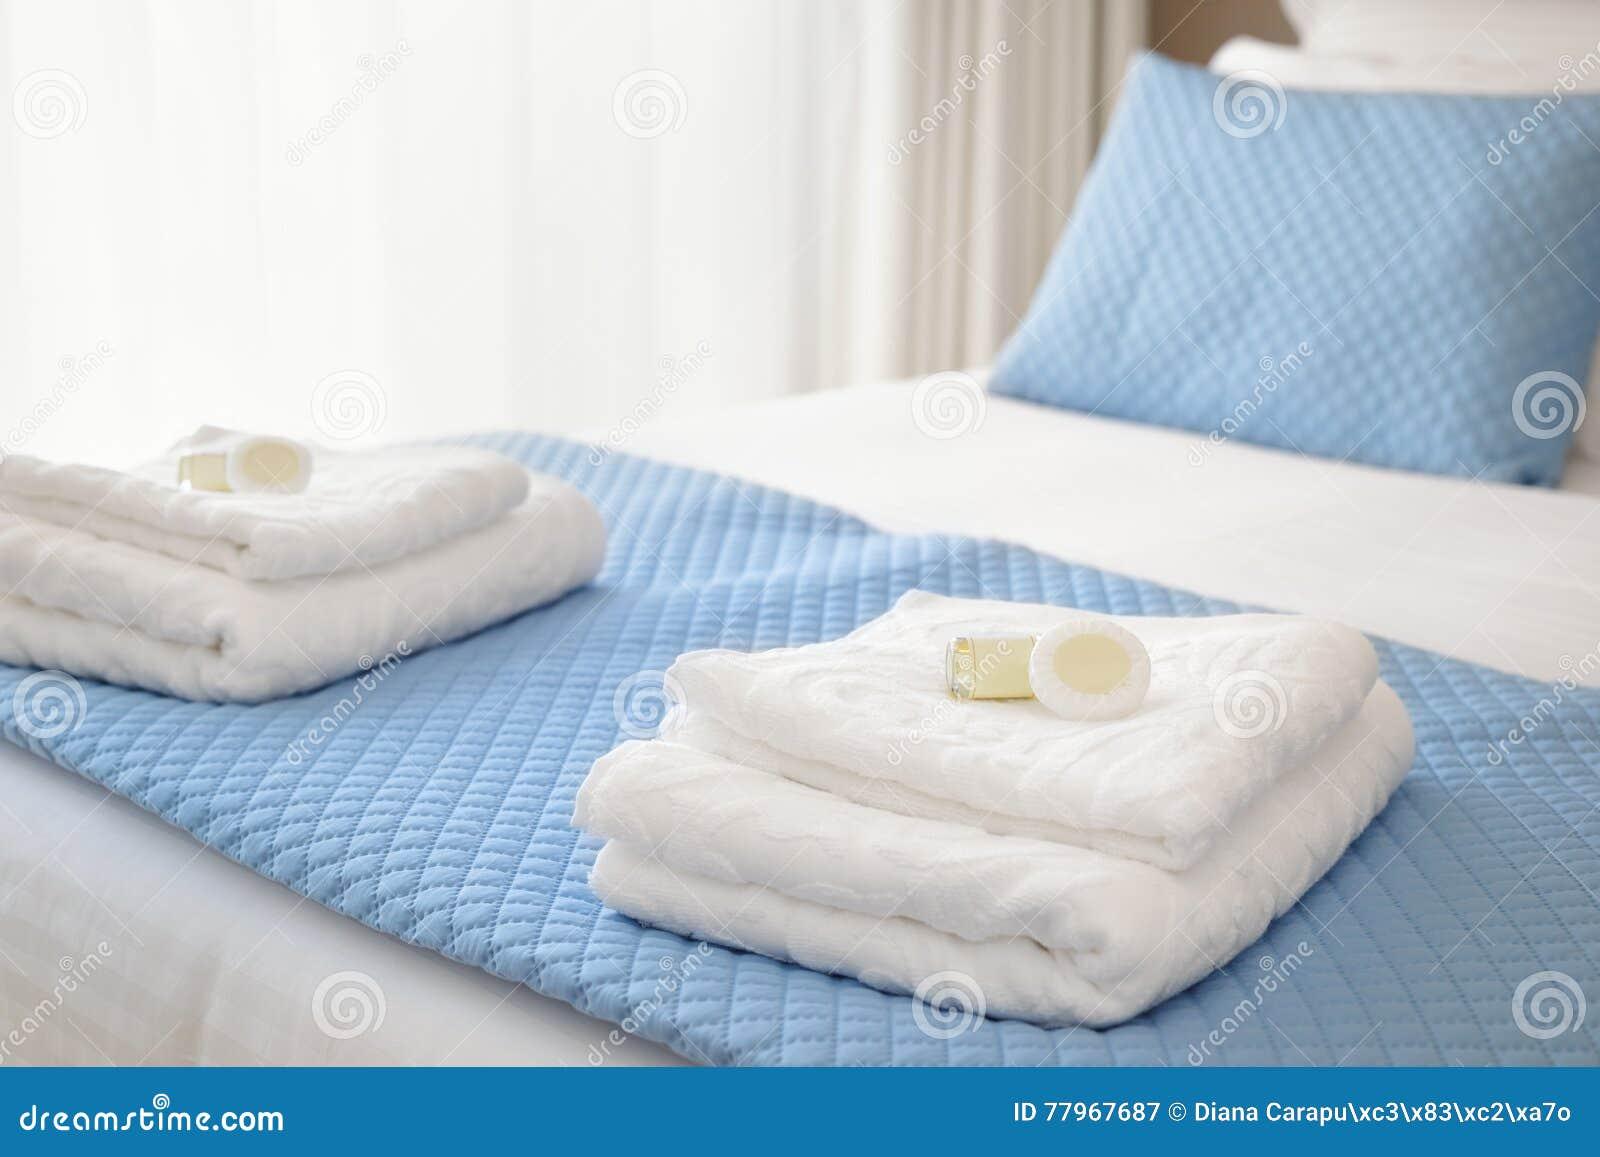 Säng med nya handdukar